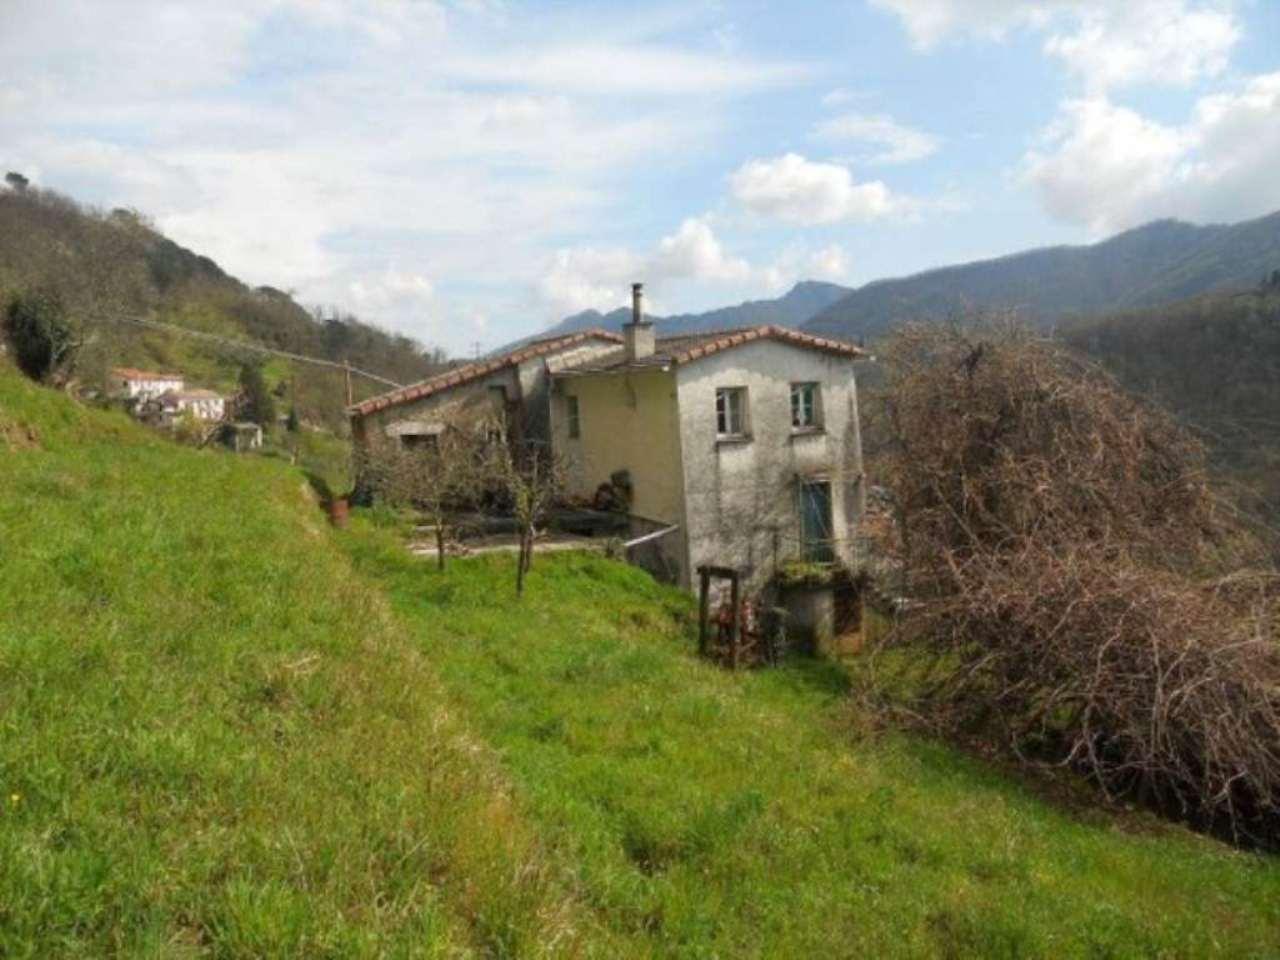 Rustico / Casale in vendita a Neirone, 6 locali, prezzo € 80.000 | Cambio Casa.it